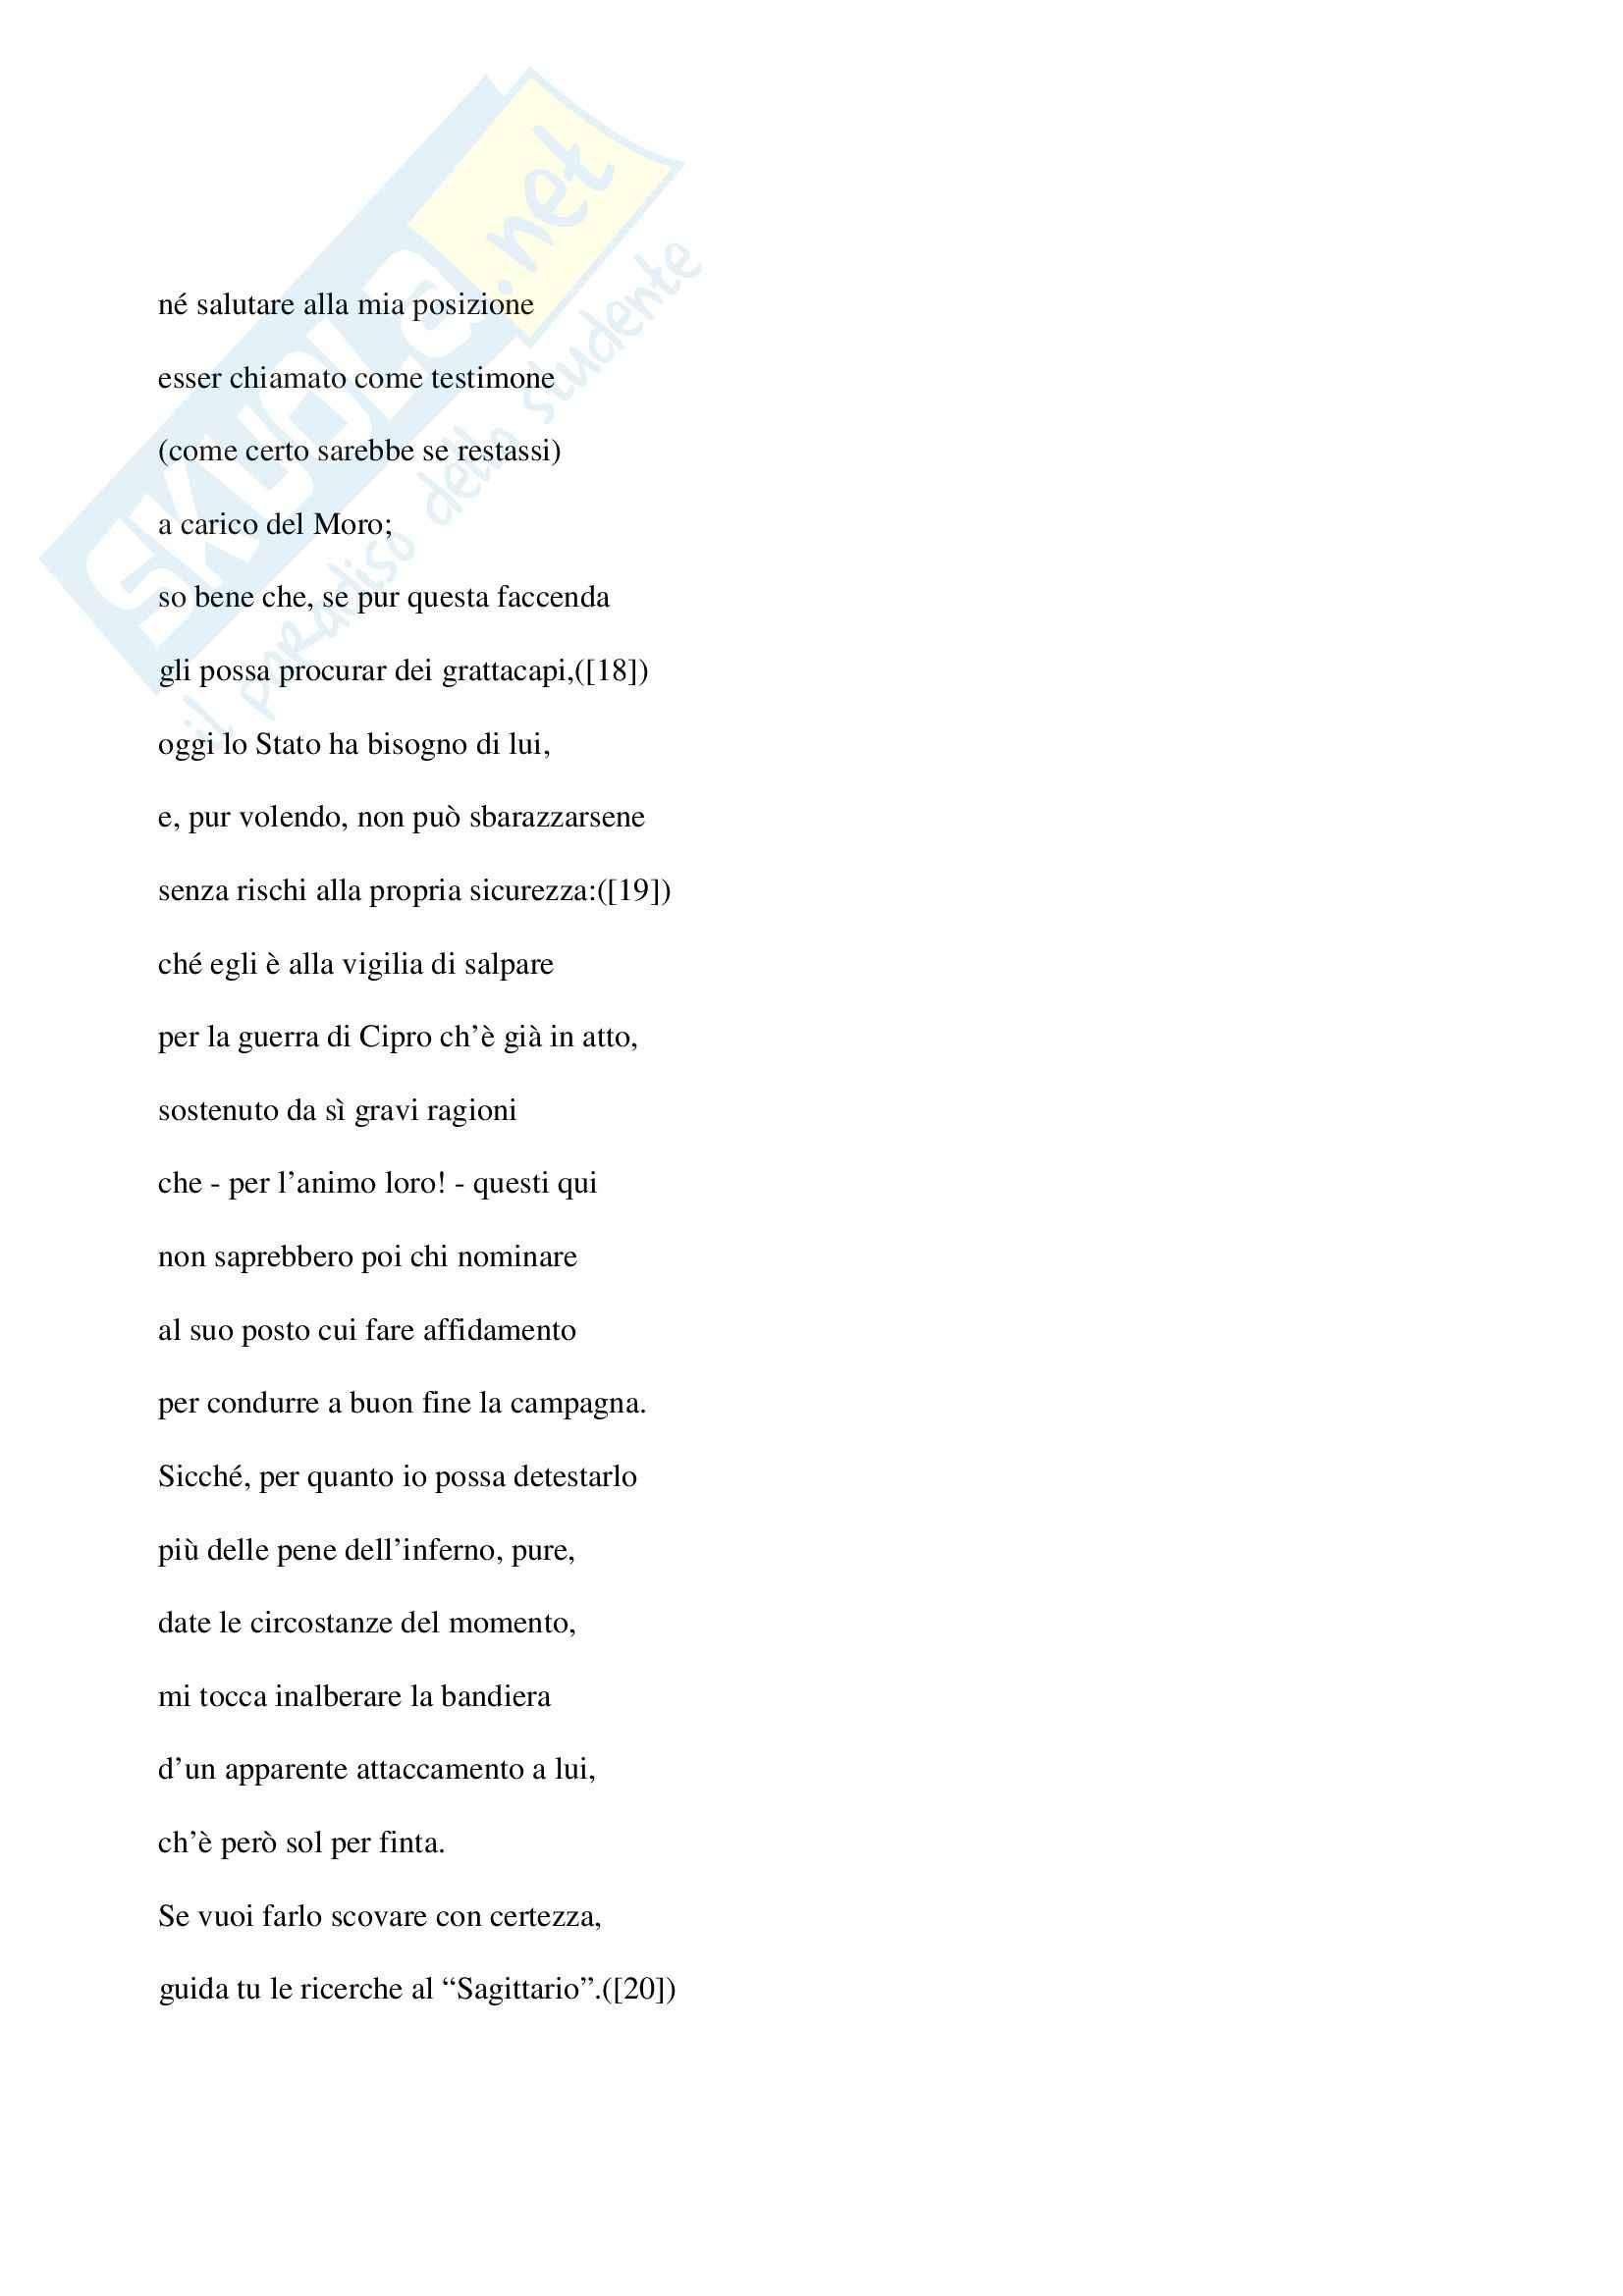 Otello, Shakespeare - Testo completo Pag. 16